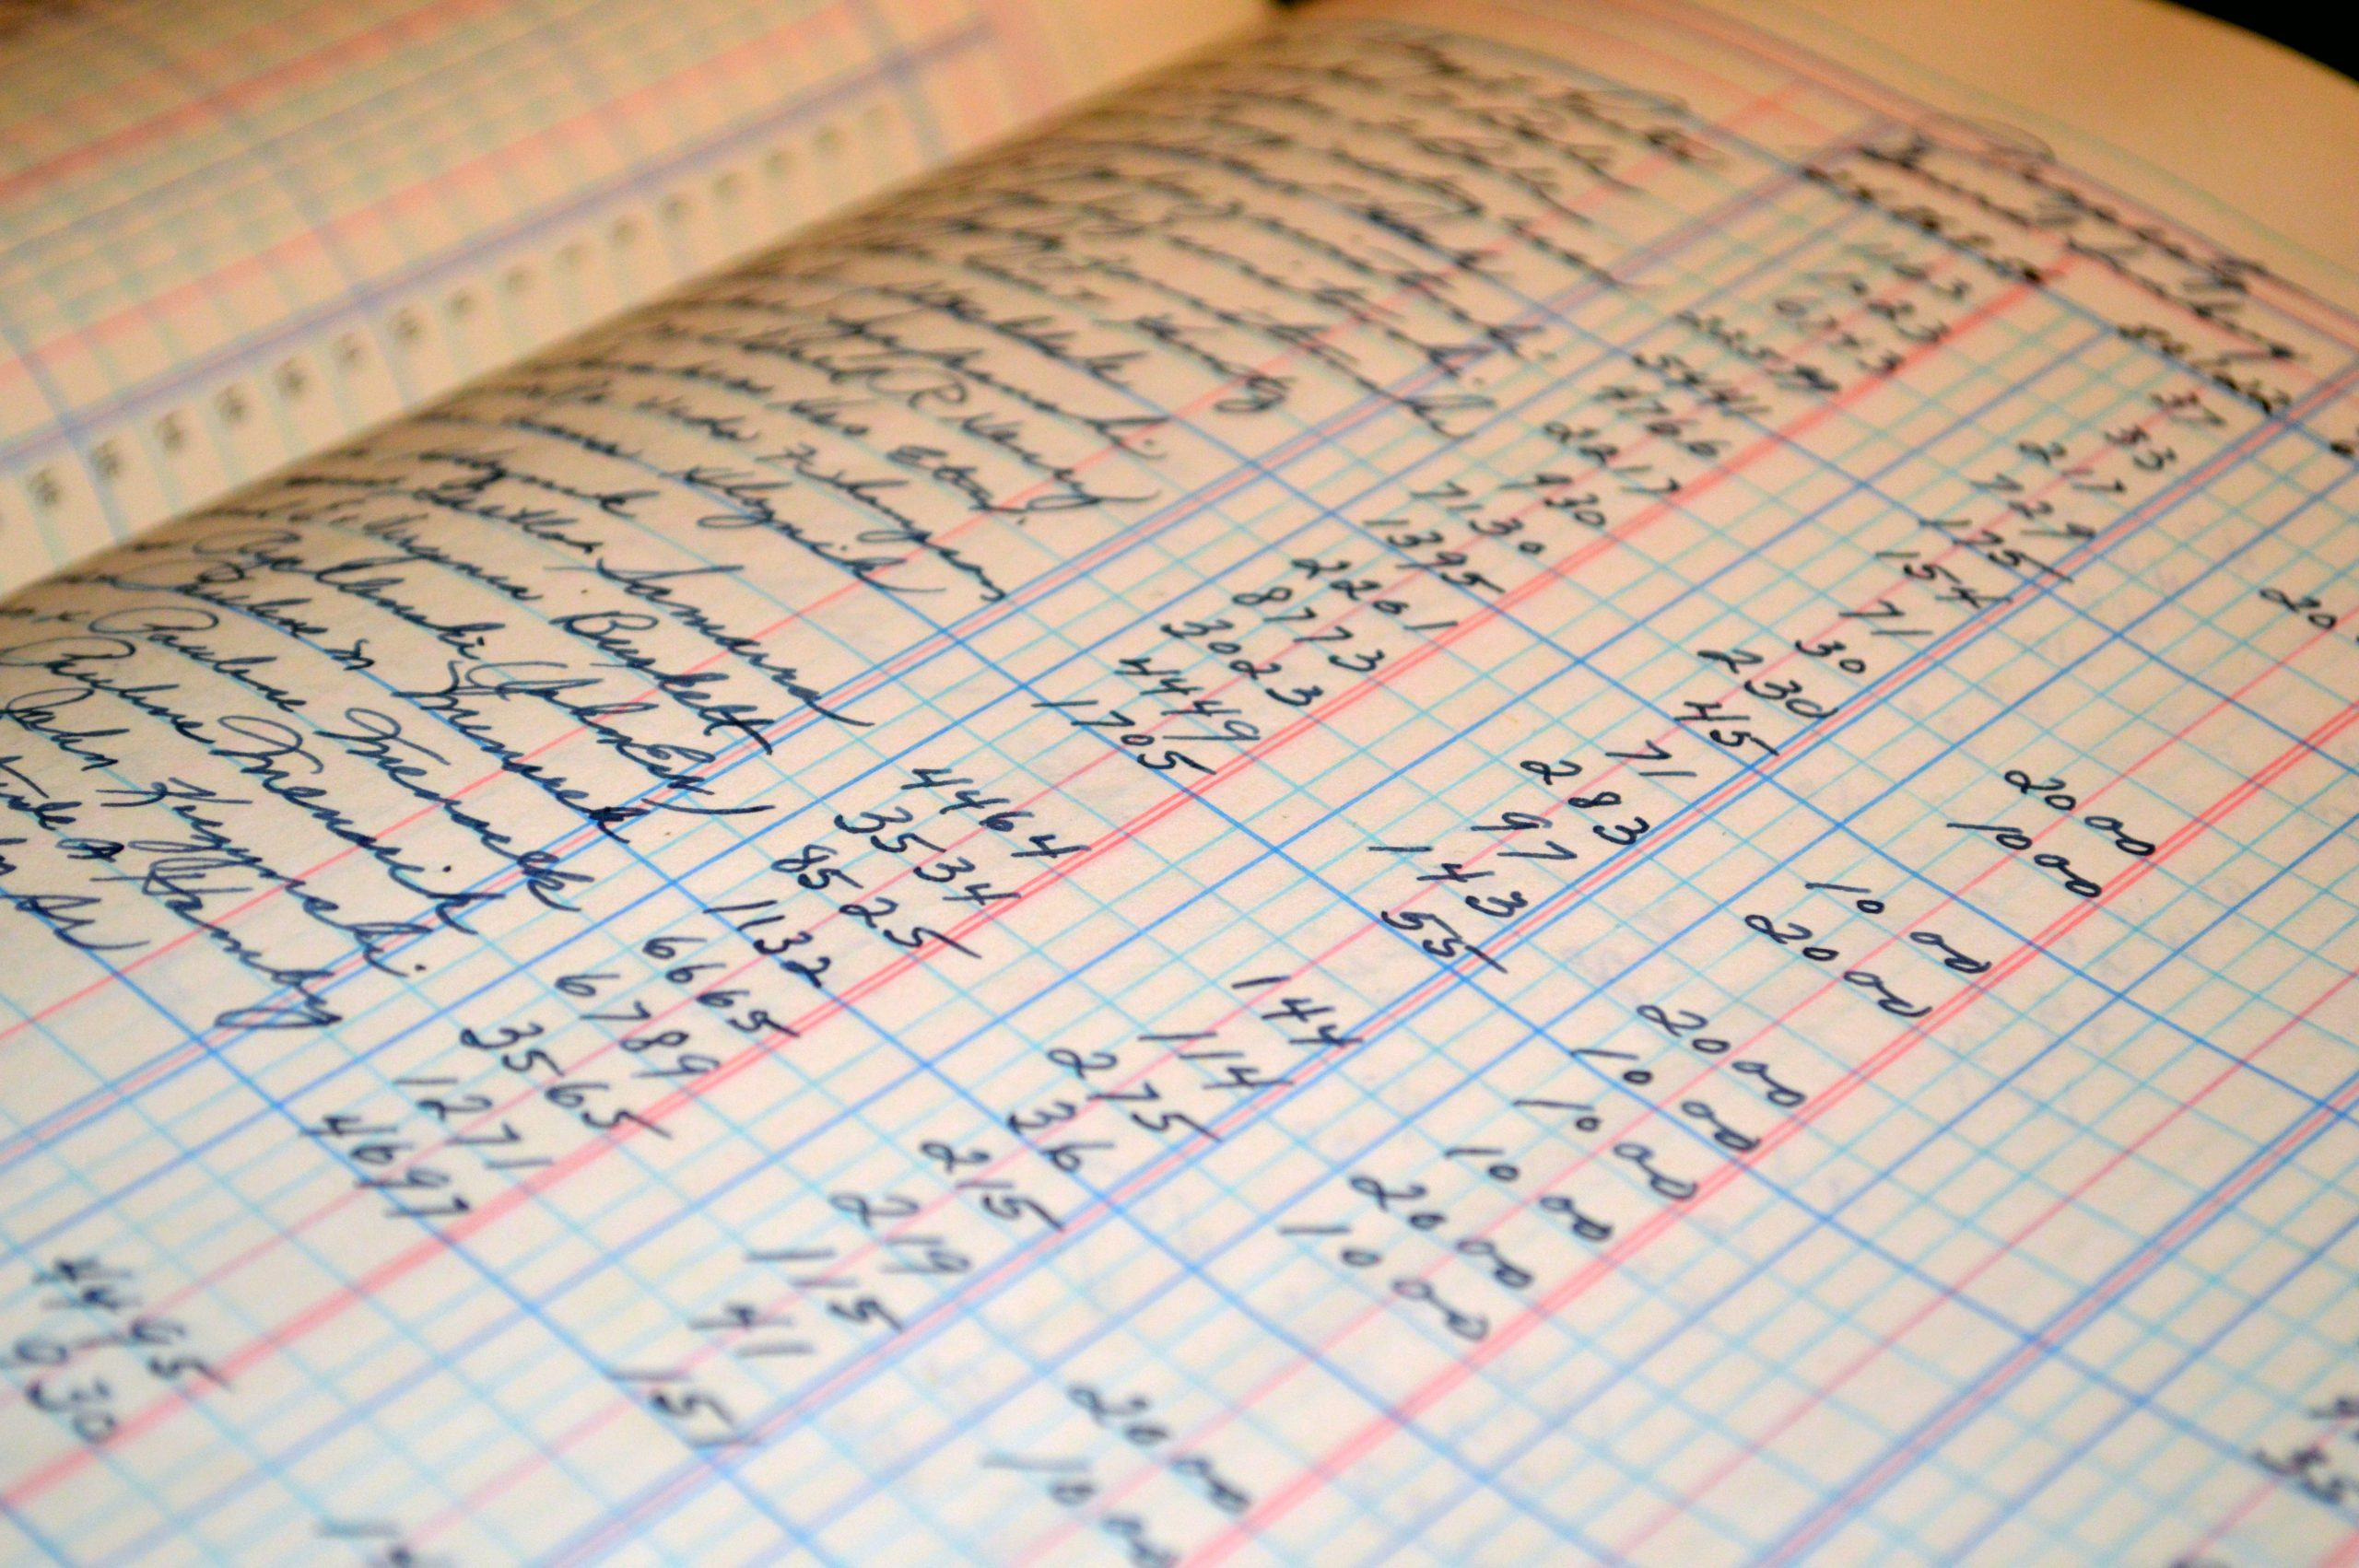 Transazione Fiscale: Nuove Direttive in Tema di Valutazione delle Proposte di Trattamento del Credito Tributario Secondo la Circolare 34/E del 29 Dicembre 2020.